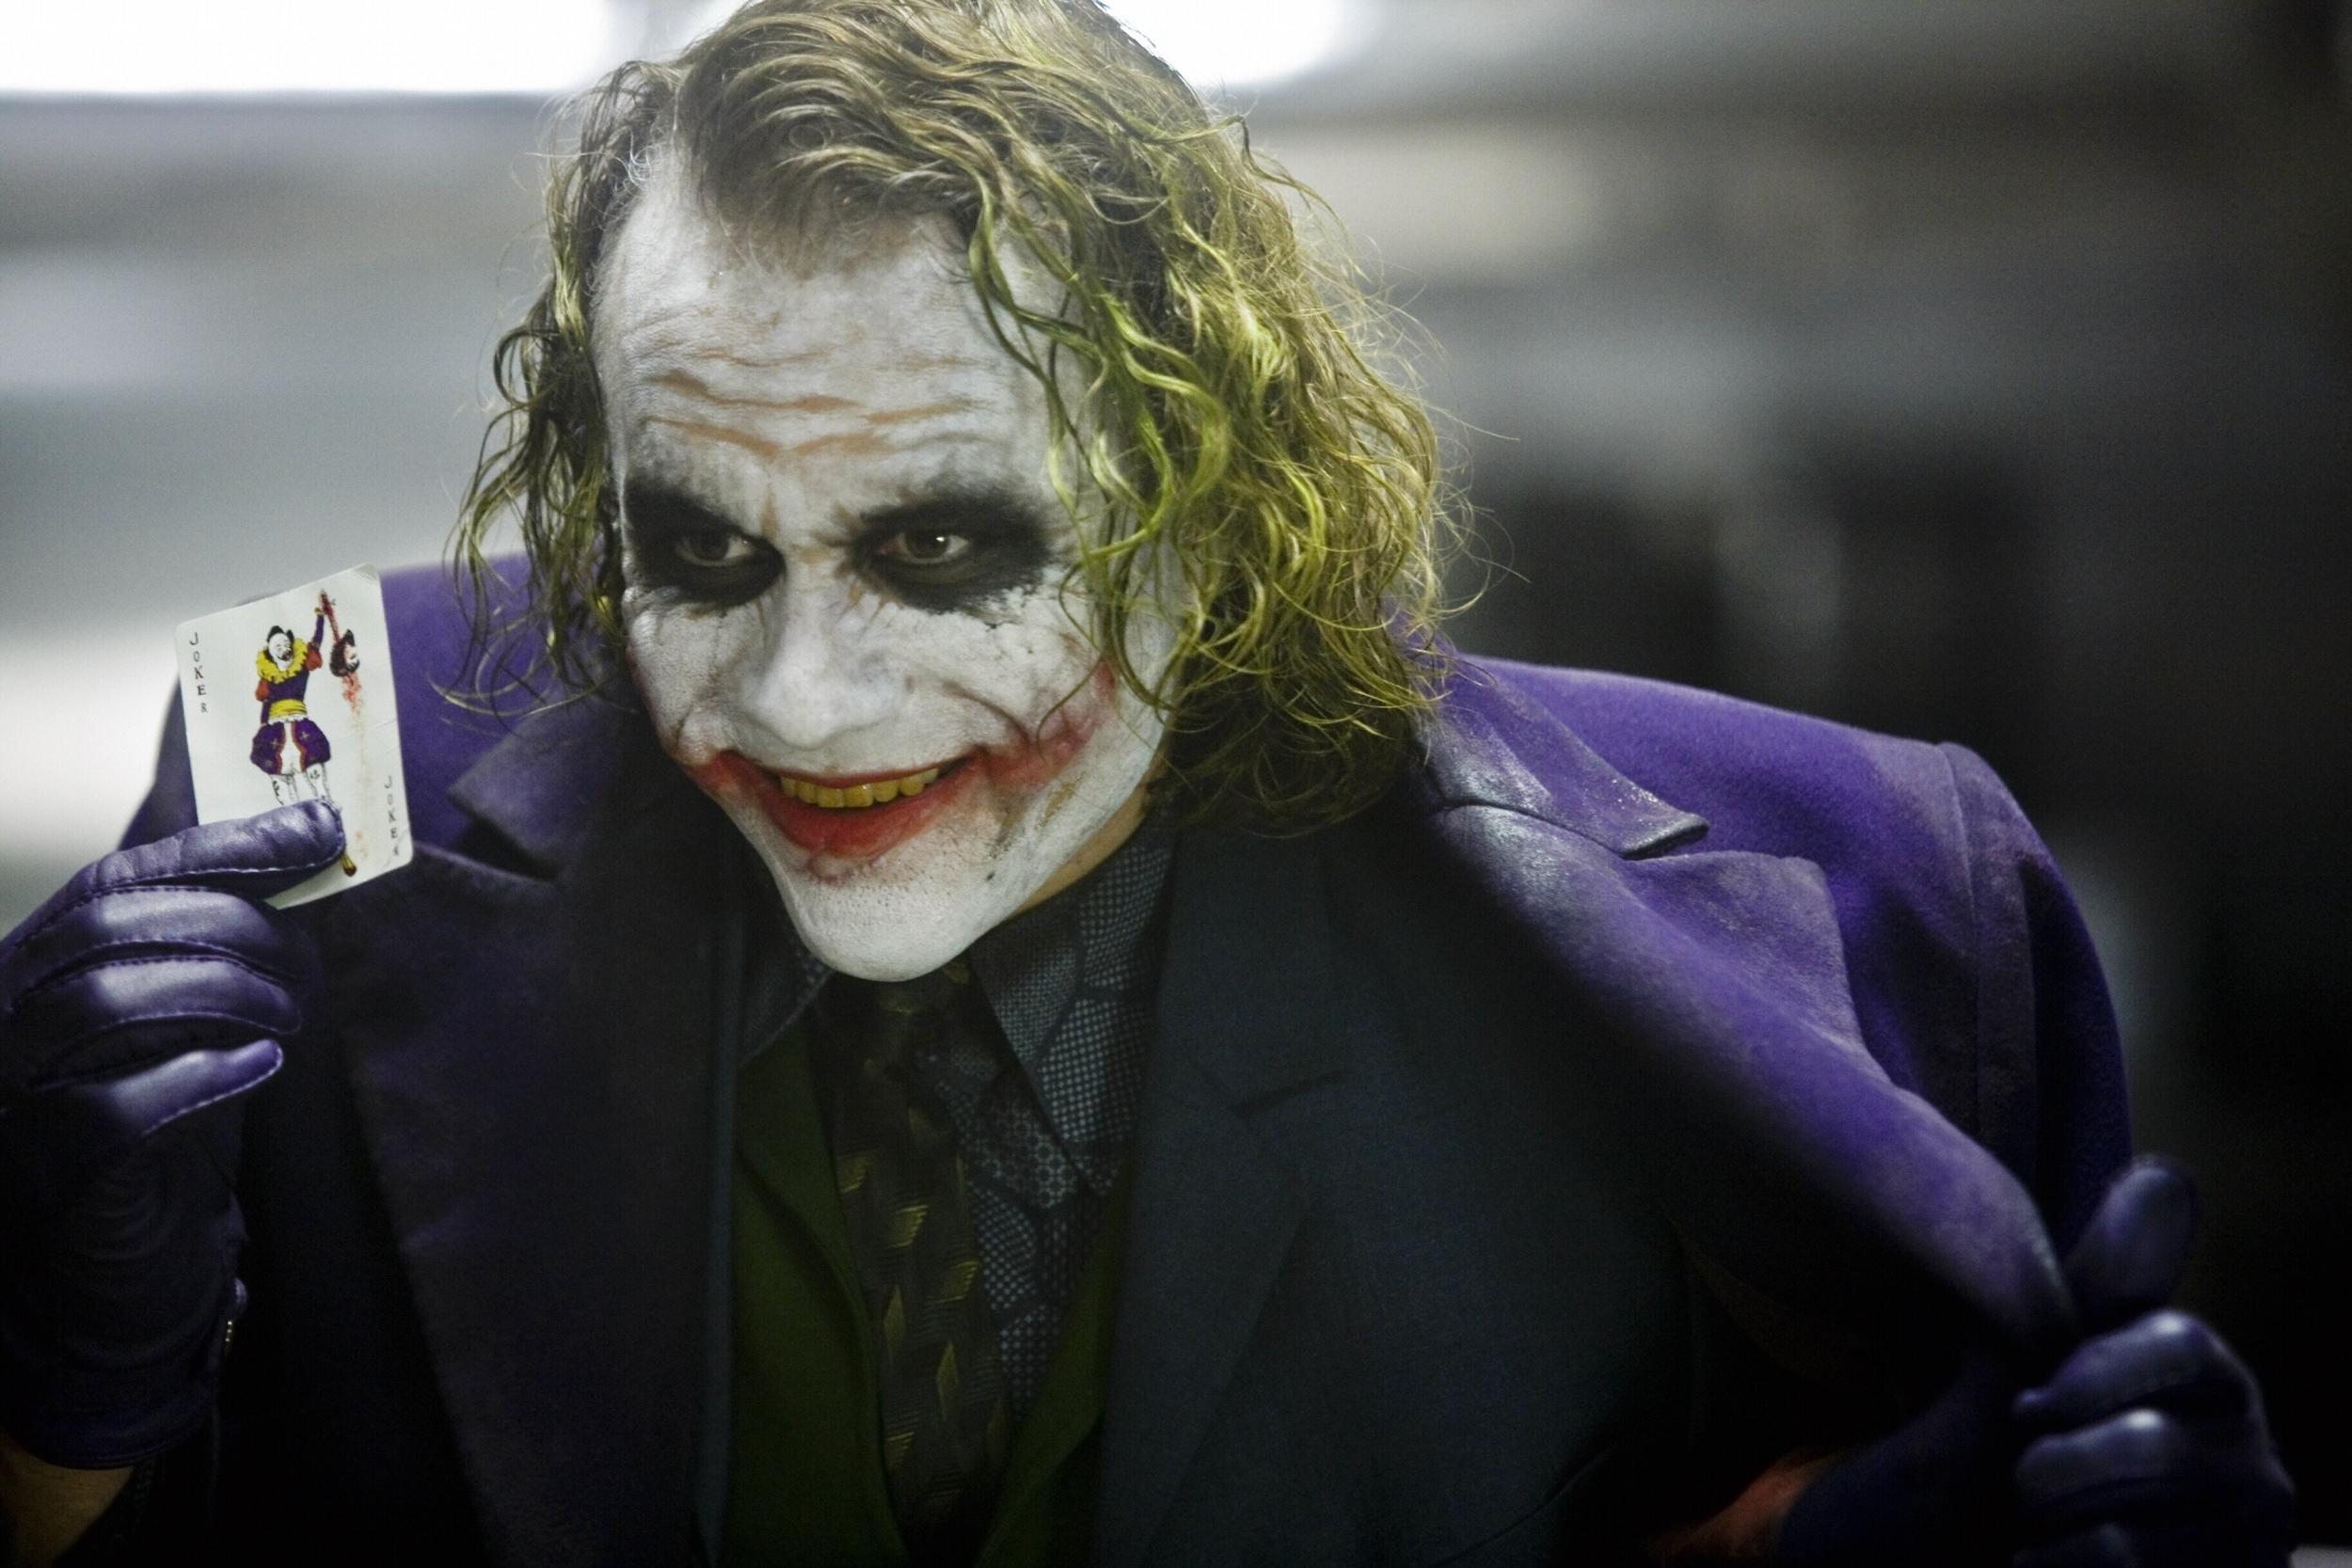 Scorsese leforgatja Joker eredettörténetét